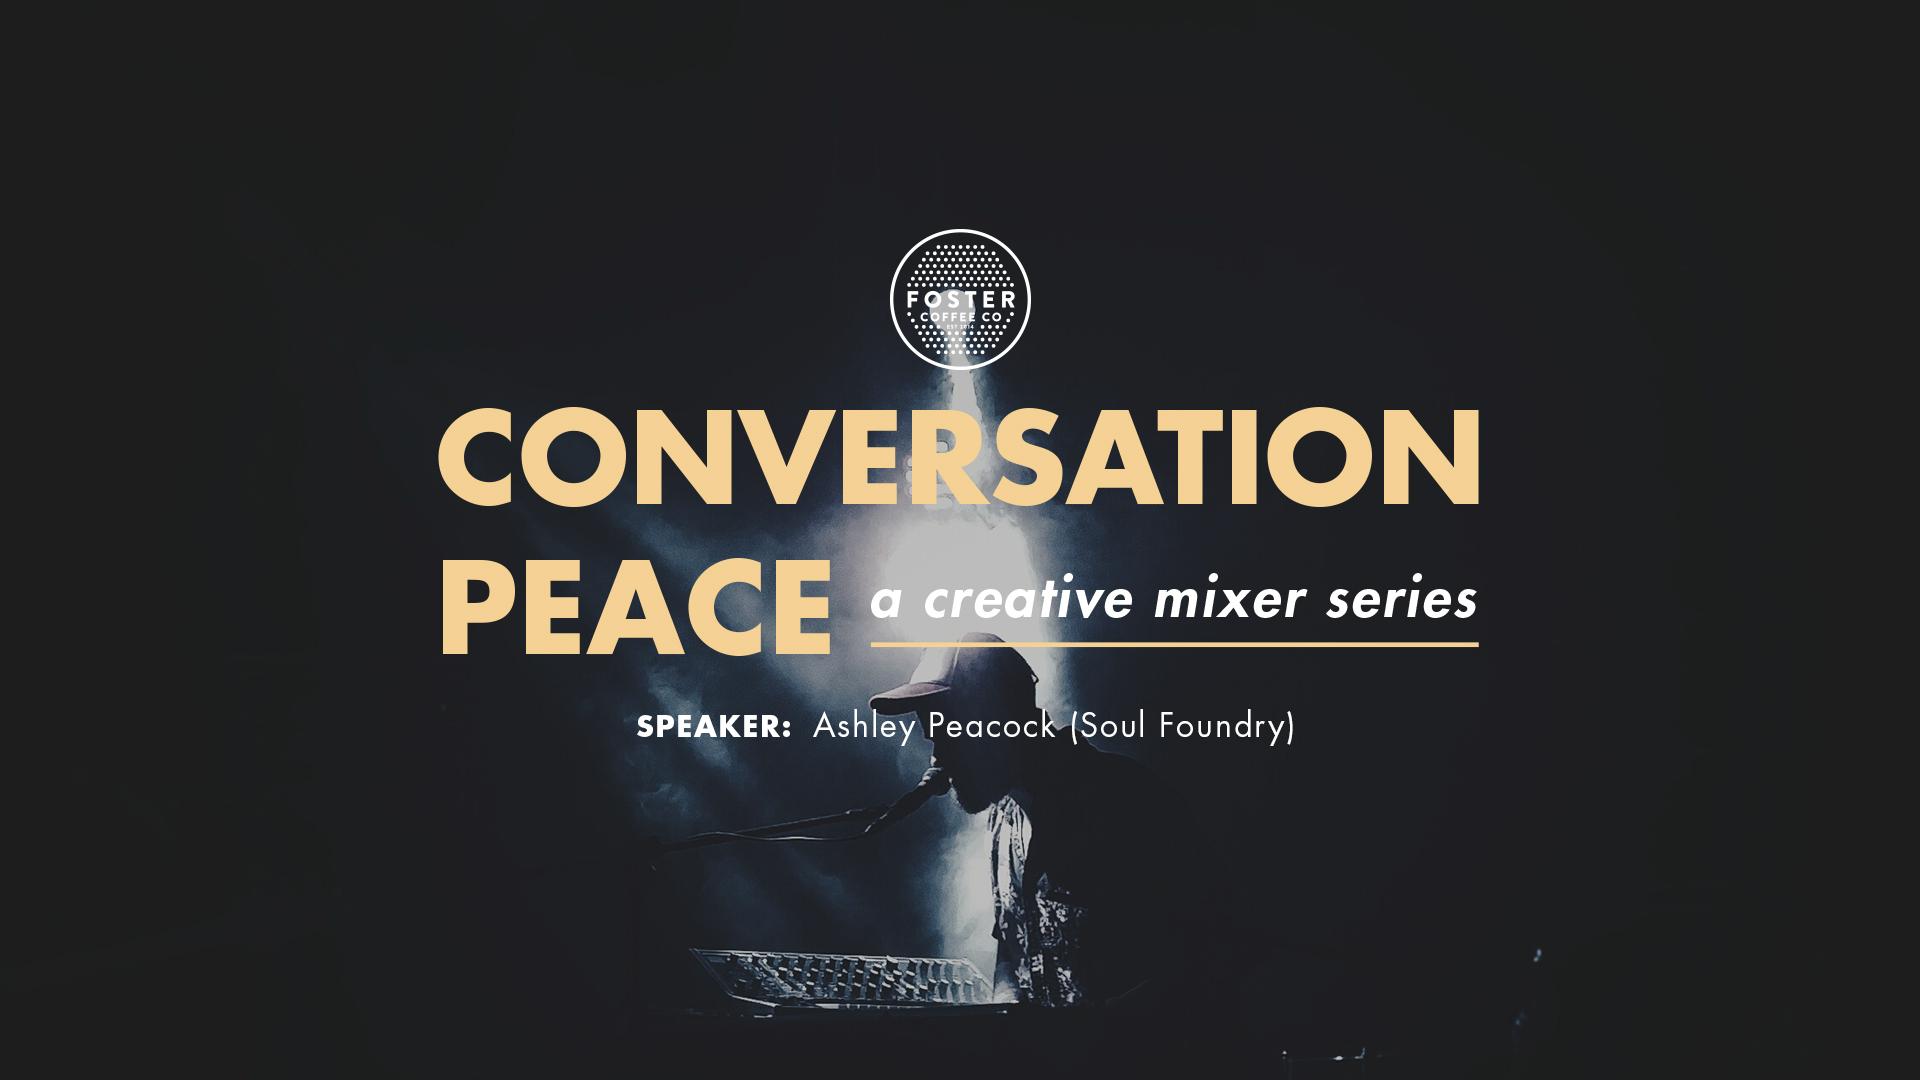 conversationpeace_FBheader.jpg